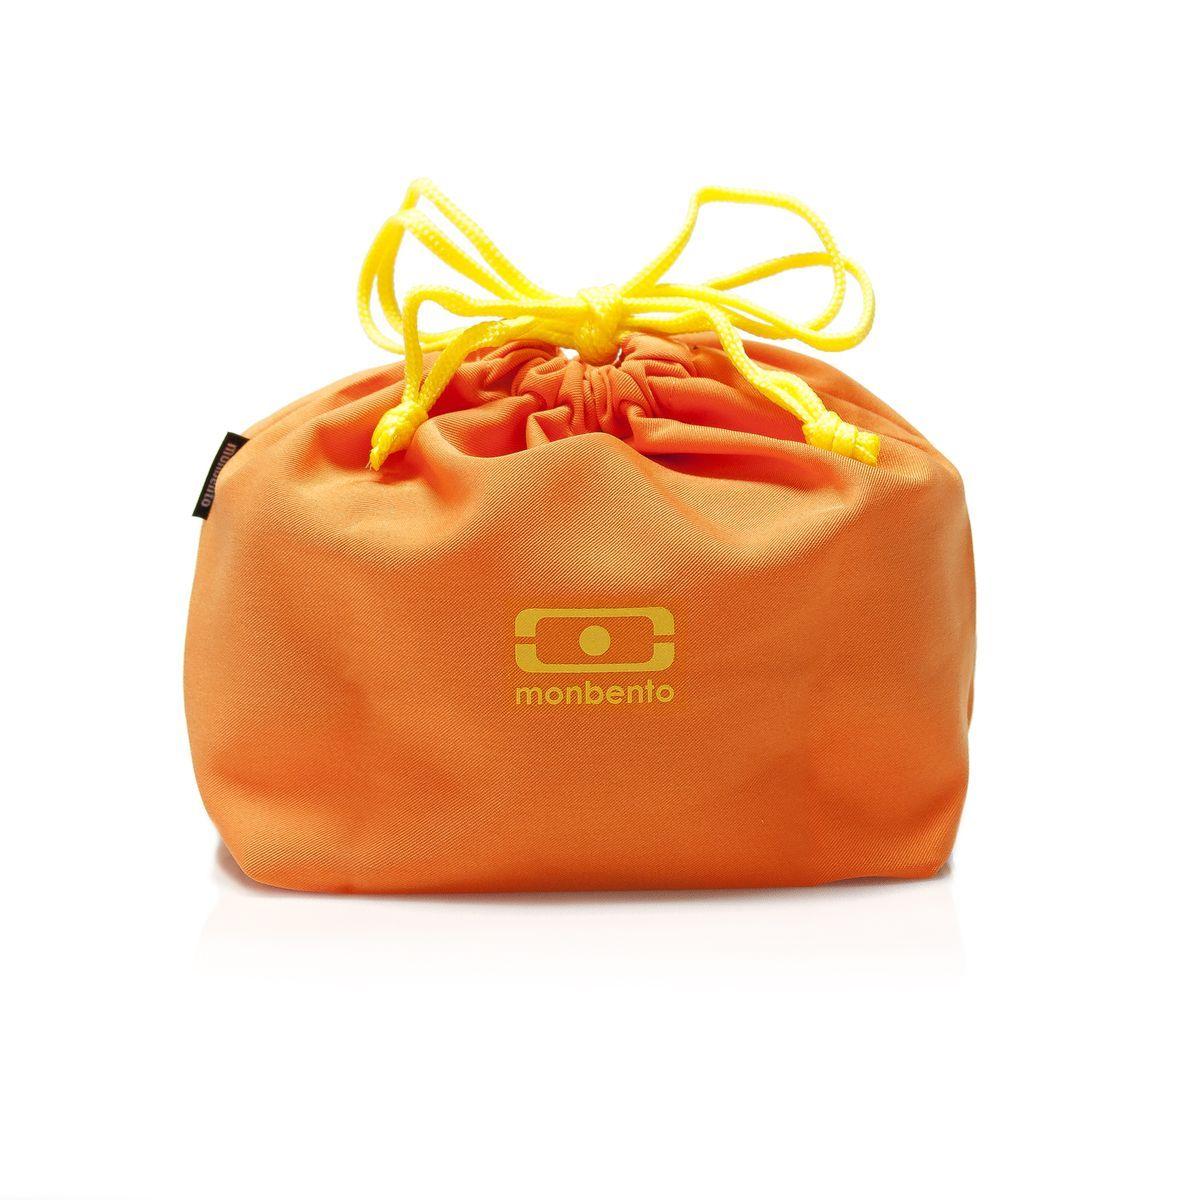 Мешочек для ланч-бокса Monbento Pochette, цвет: оранжевый1002 02 111Мешочек для ланча Monbento Pochette создан специально для переноски ланч-бокса Monbento. Но это условия не обязательное, он подойдет и для других моделей, главное, положить туда вкусную и полезную пищу и отправиться с ней на работу, в парк или в поход. Мешочек защитит ланчбокс от царапин и внешних повреждений. И наоборот: если вдруг вы неплотно закроете крышку, и что-то прольется, то вещи в сумке пострадают гораздо меньше, а мешочек впитает в себя лишнюю влагу.Удобно носить в руках. Легко стирать (разрешена стирка в стиральной машине).